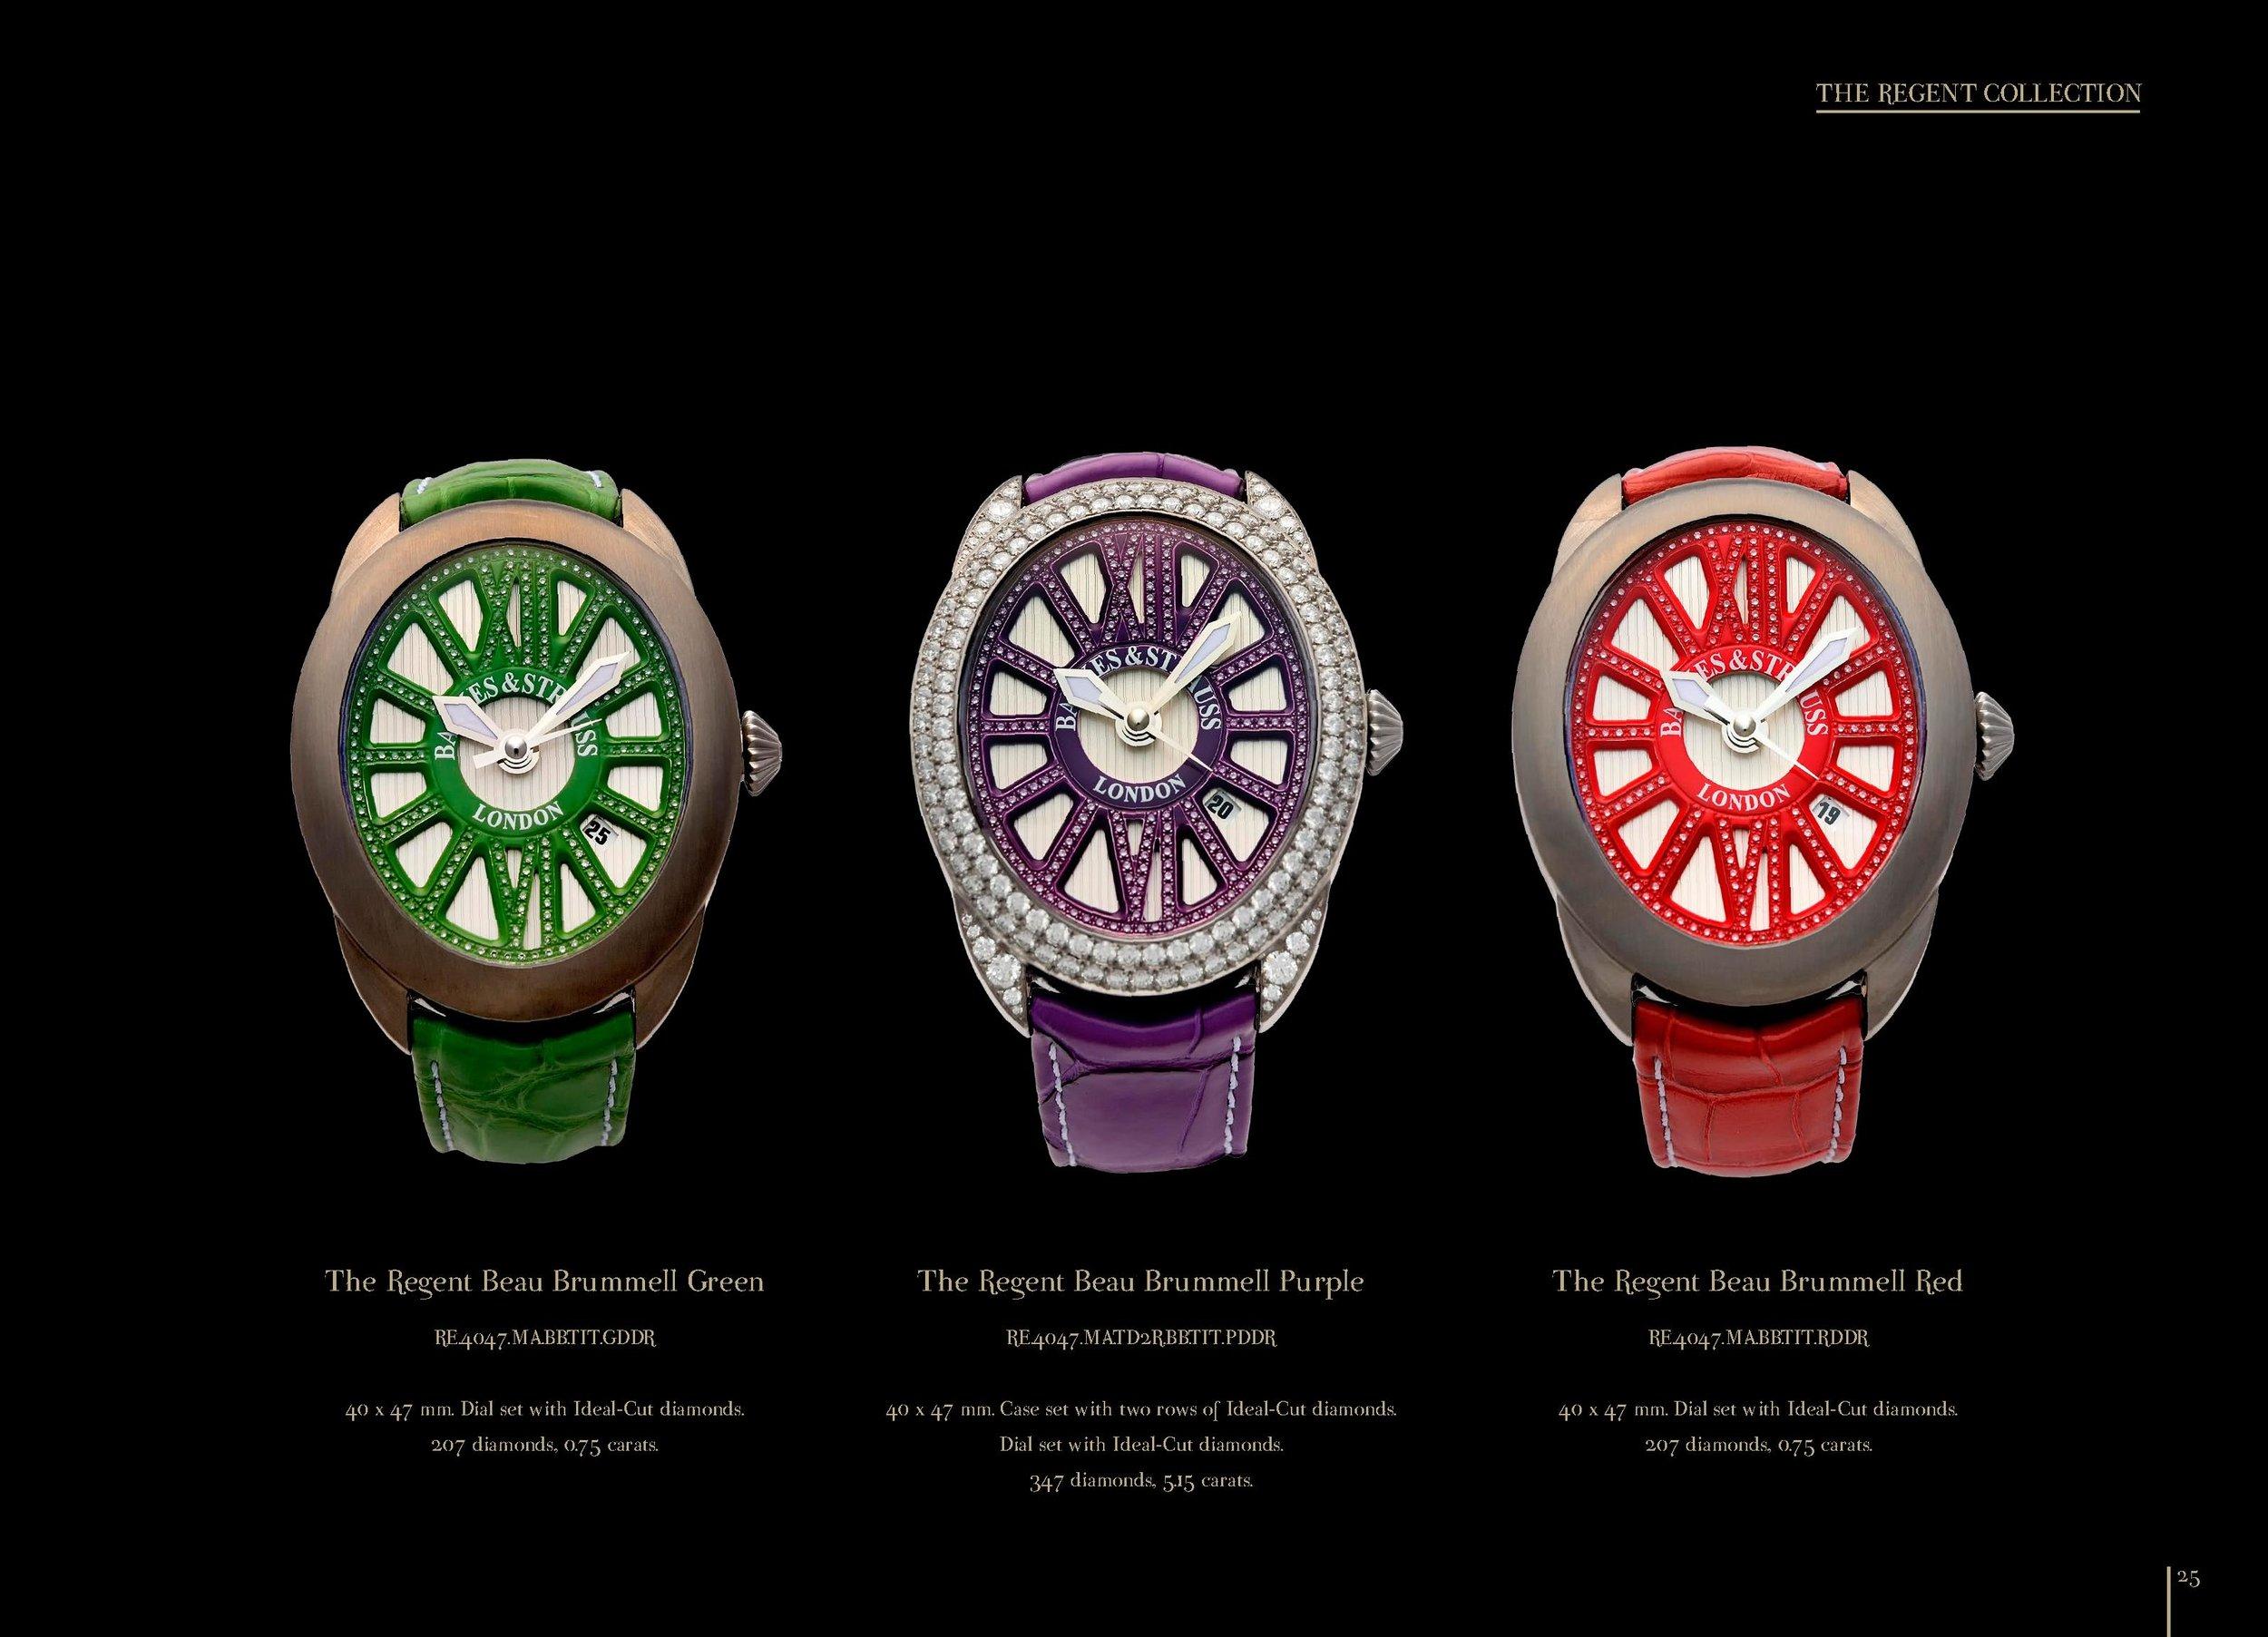 Regent Beau Brummell 4047 watch